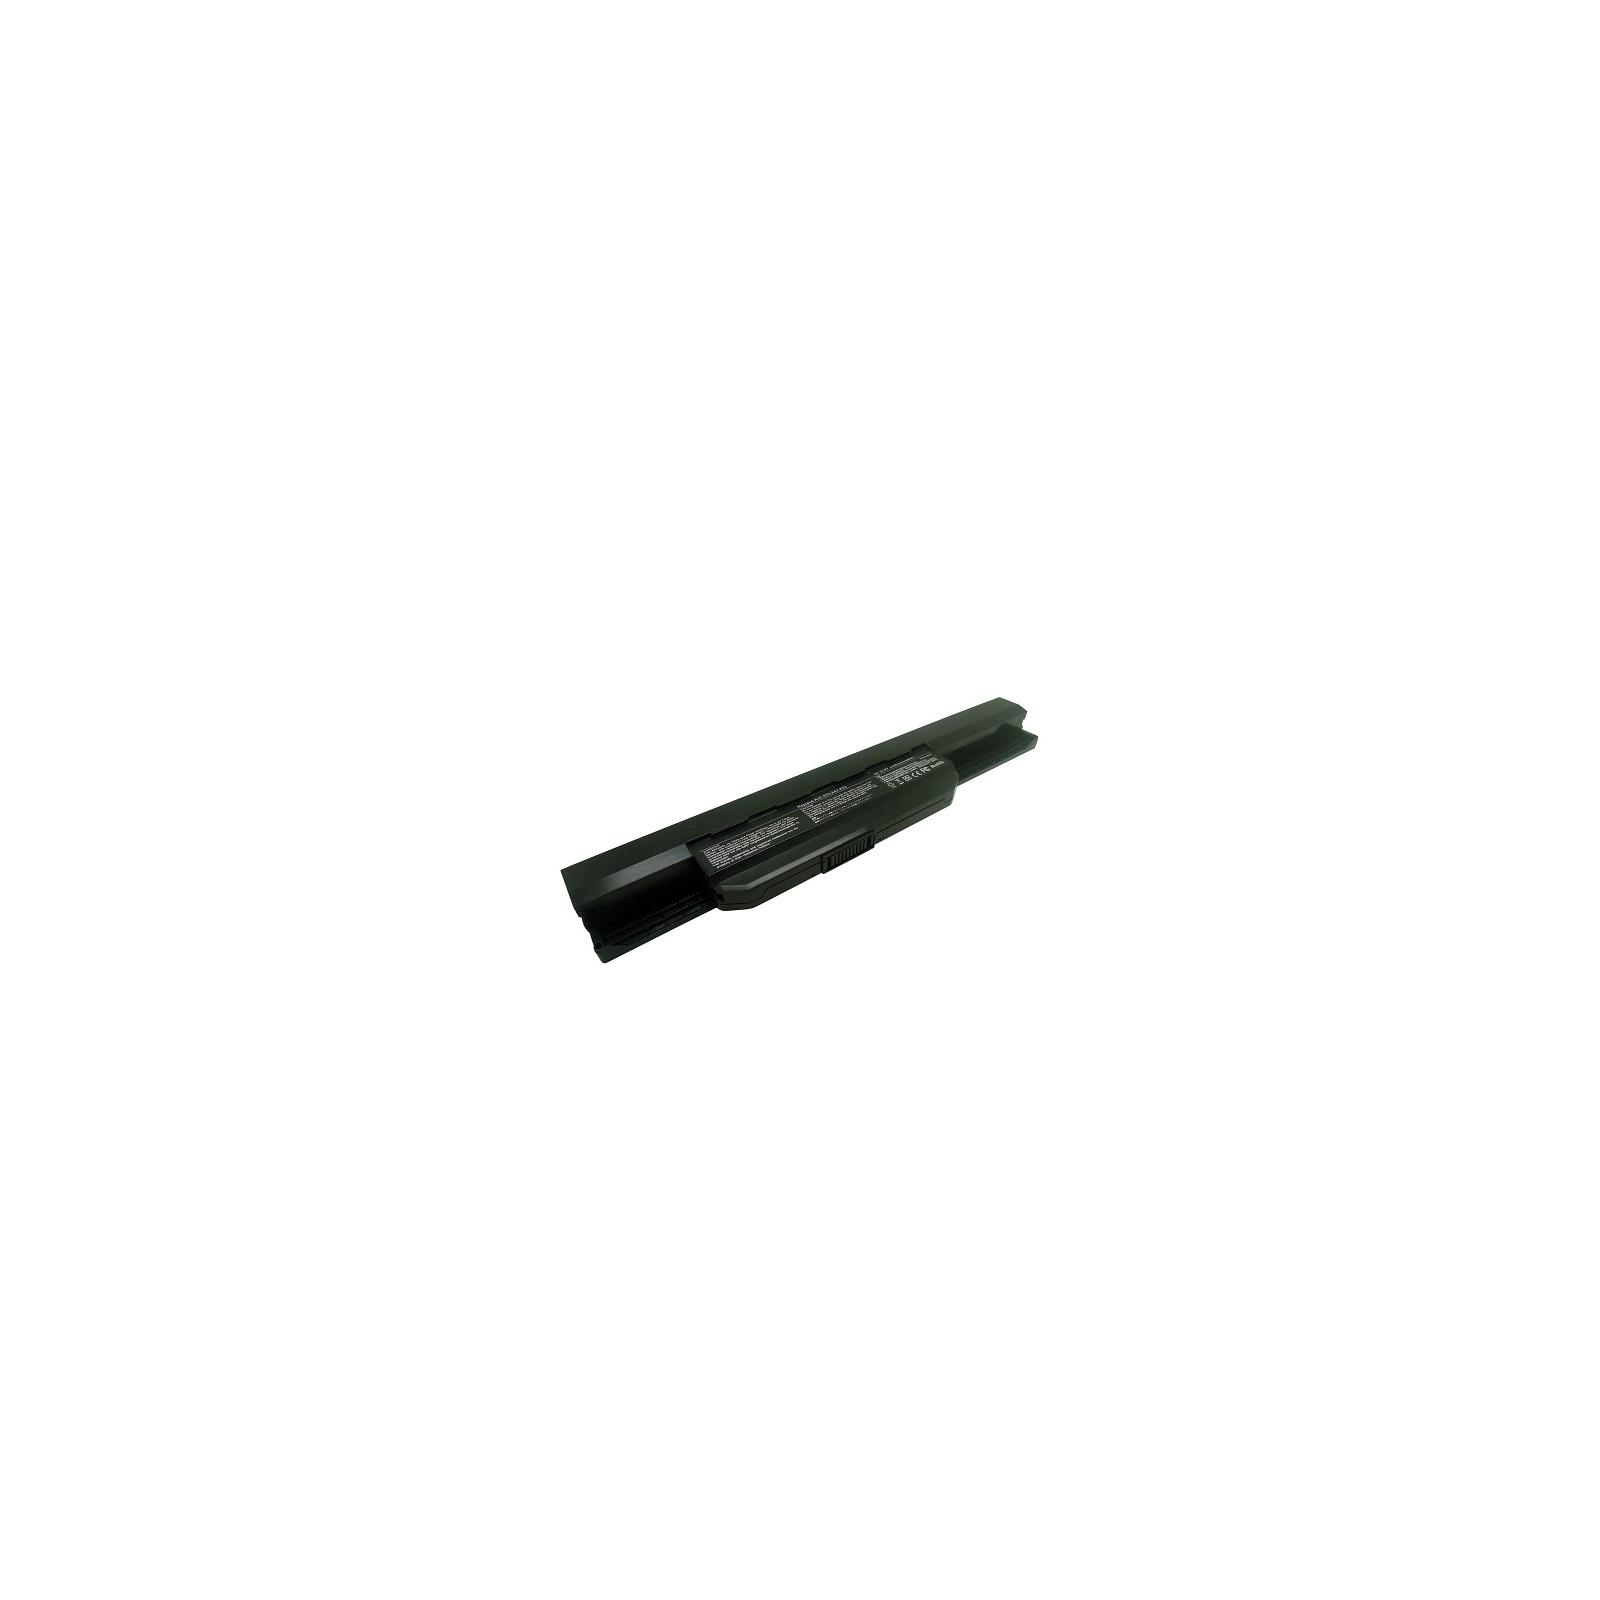 Аккумулятор для ноутбука ASUS A43 A53 (A32-K53) 11.1V 5200mAh PowerPlant (NB00000013)